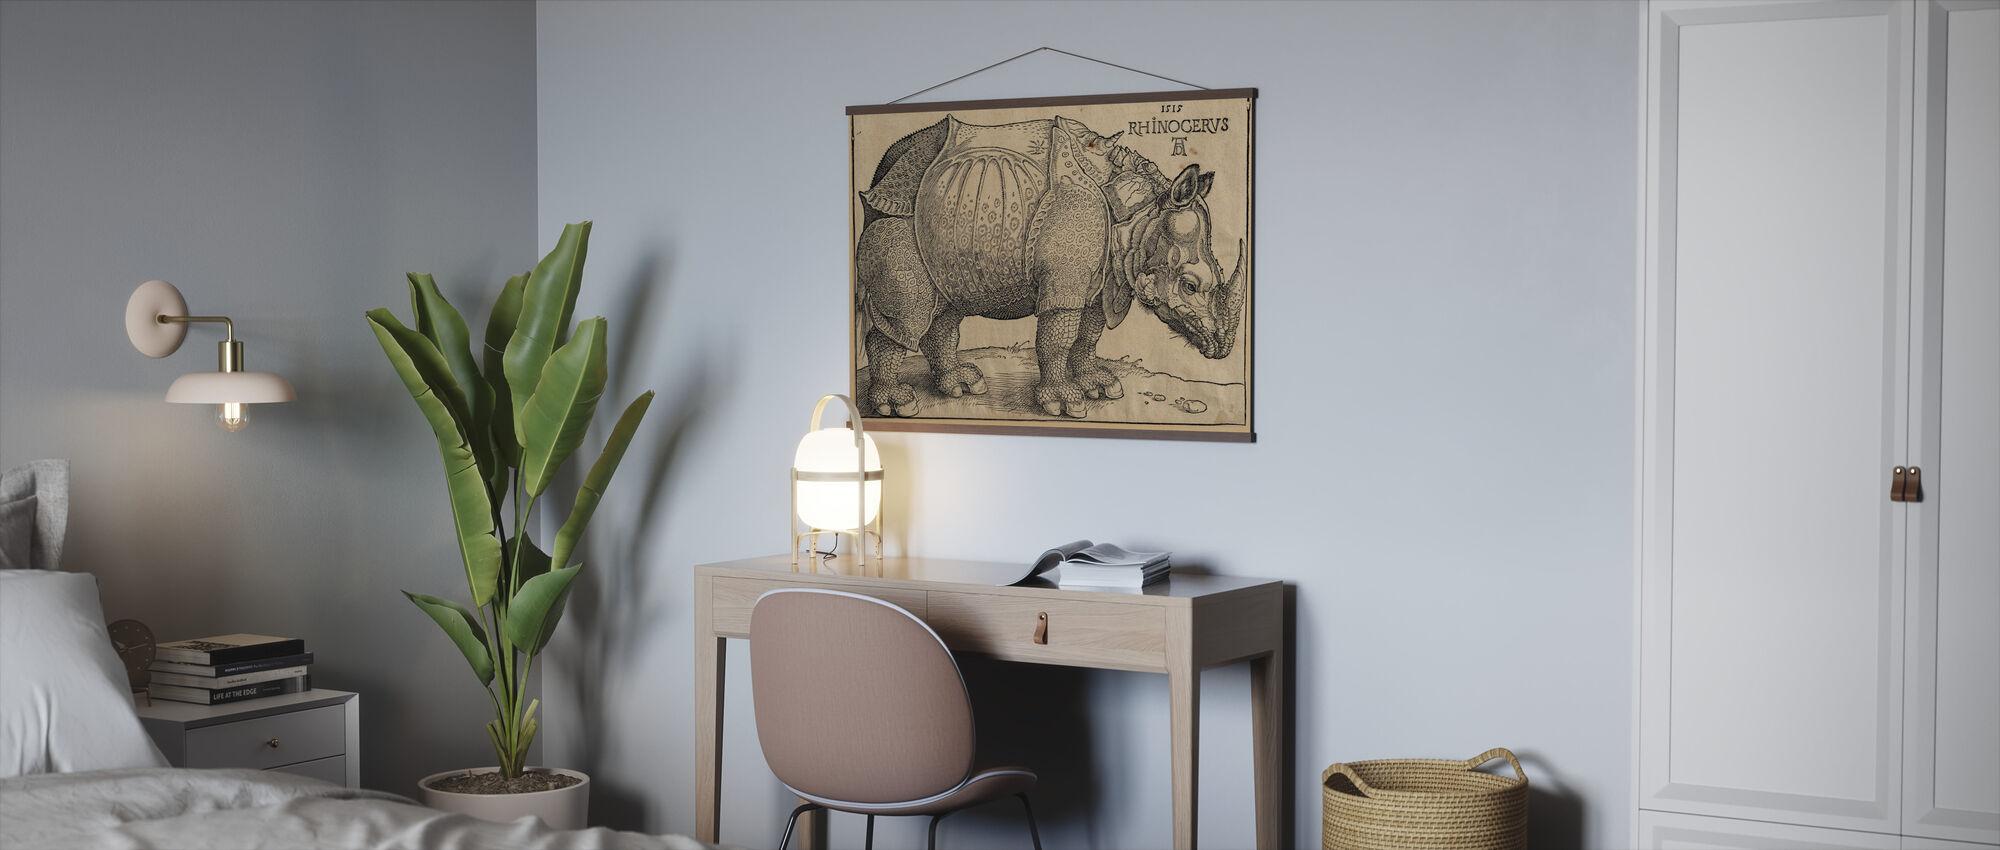 Noshörning - Abrecht Dürer - Poster - Kontor